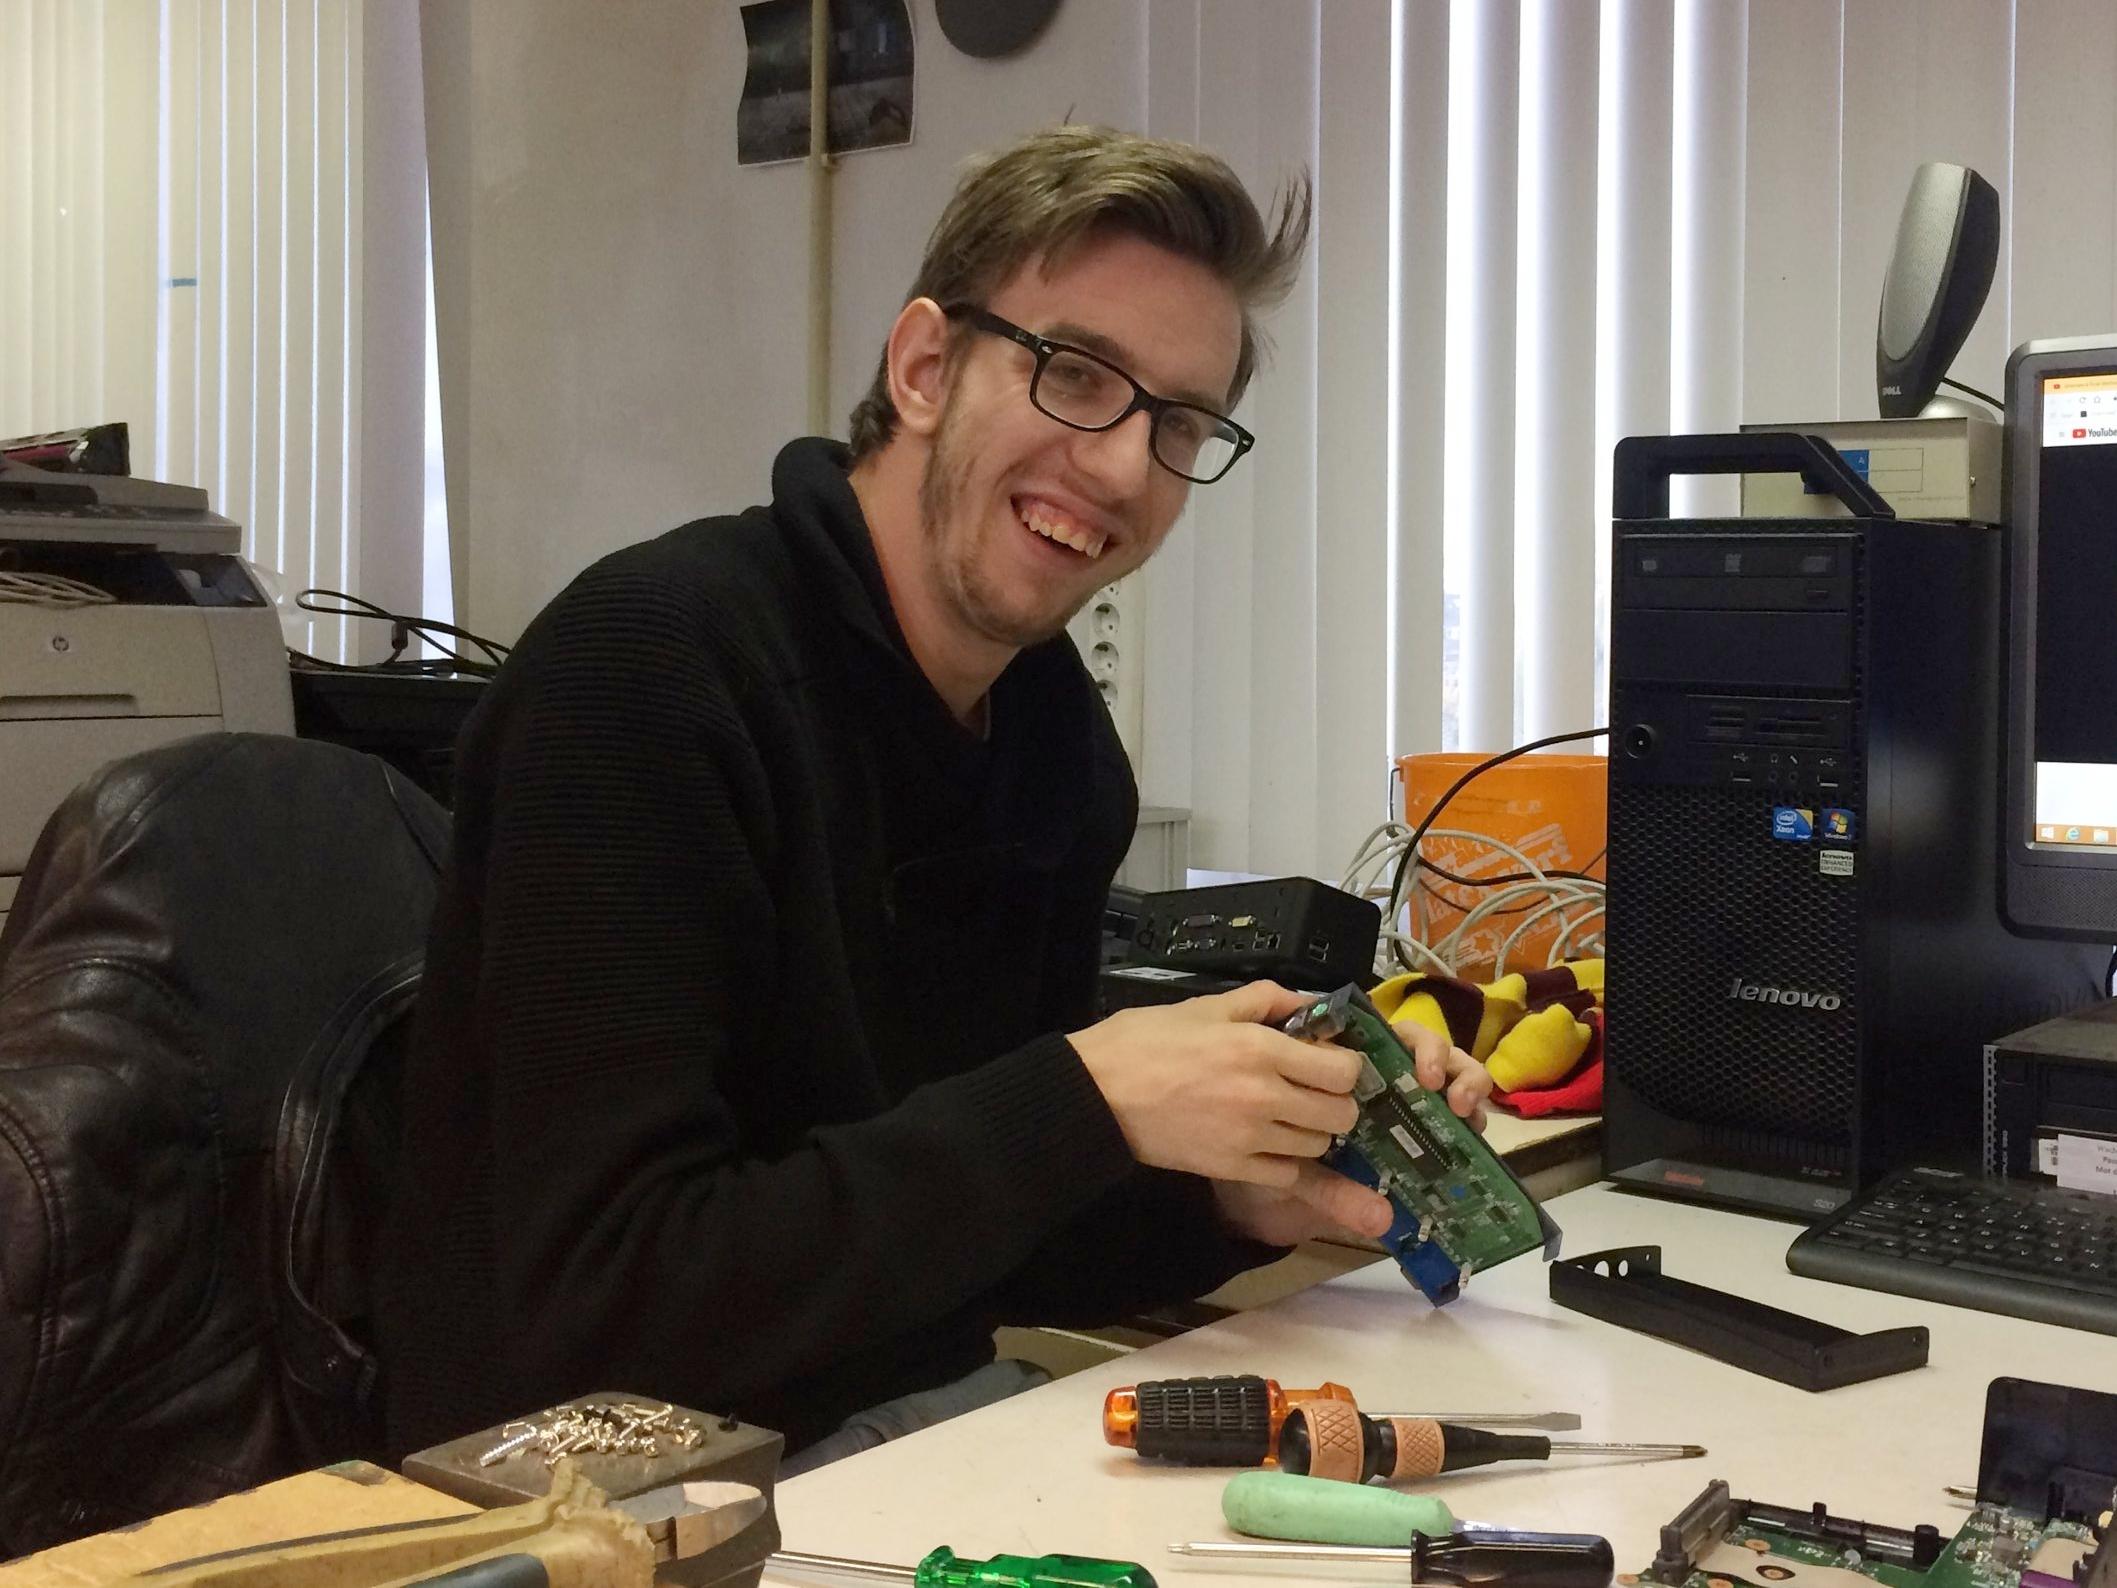 Martijn in de computerwerkplaats